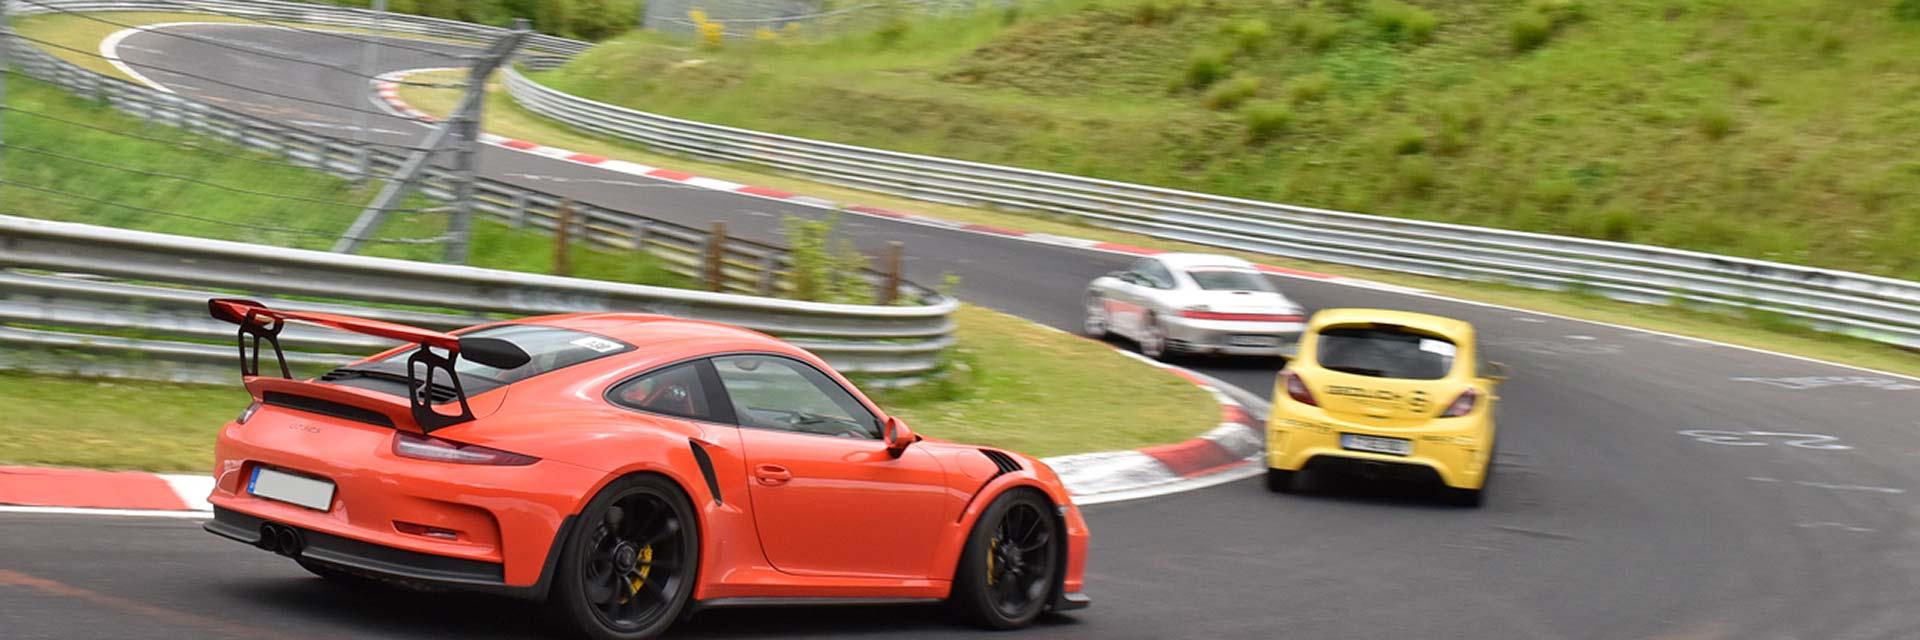 GEDLICH Racing - Racetrack Nordschleife